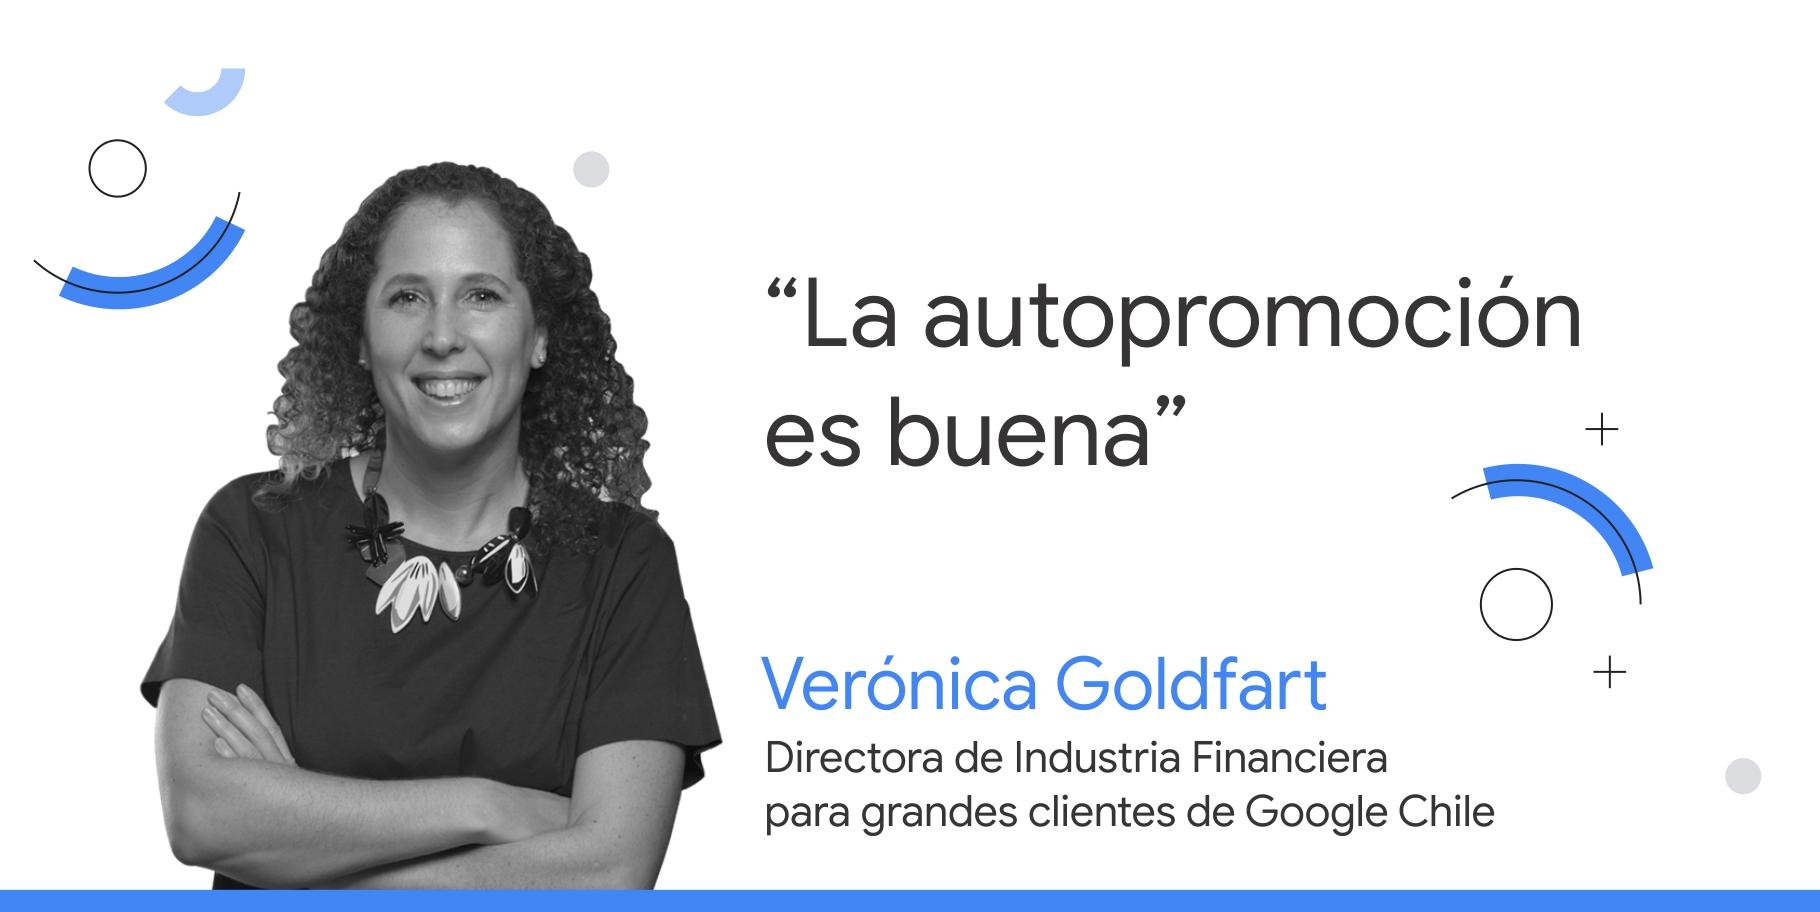 """Fotografía en blanco y negro de Verónica Goldfart, directora de Industria Financiera para grandes clientes de Google Chile, junto a su consejo que dice: """"La autopromoción es buena""""."""